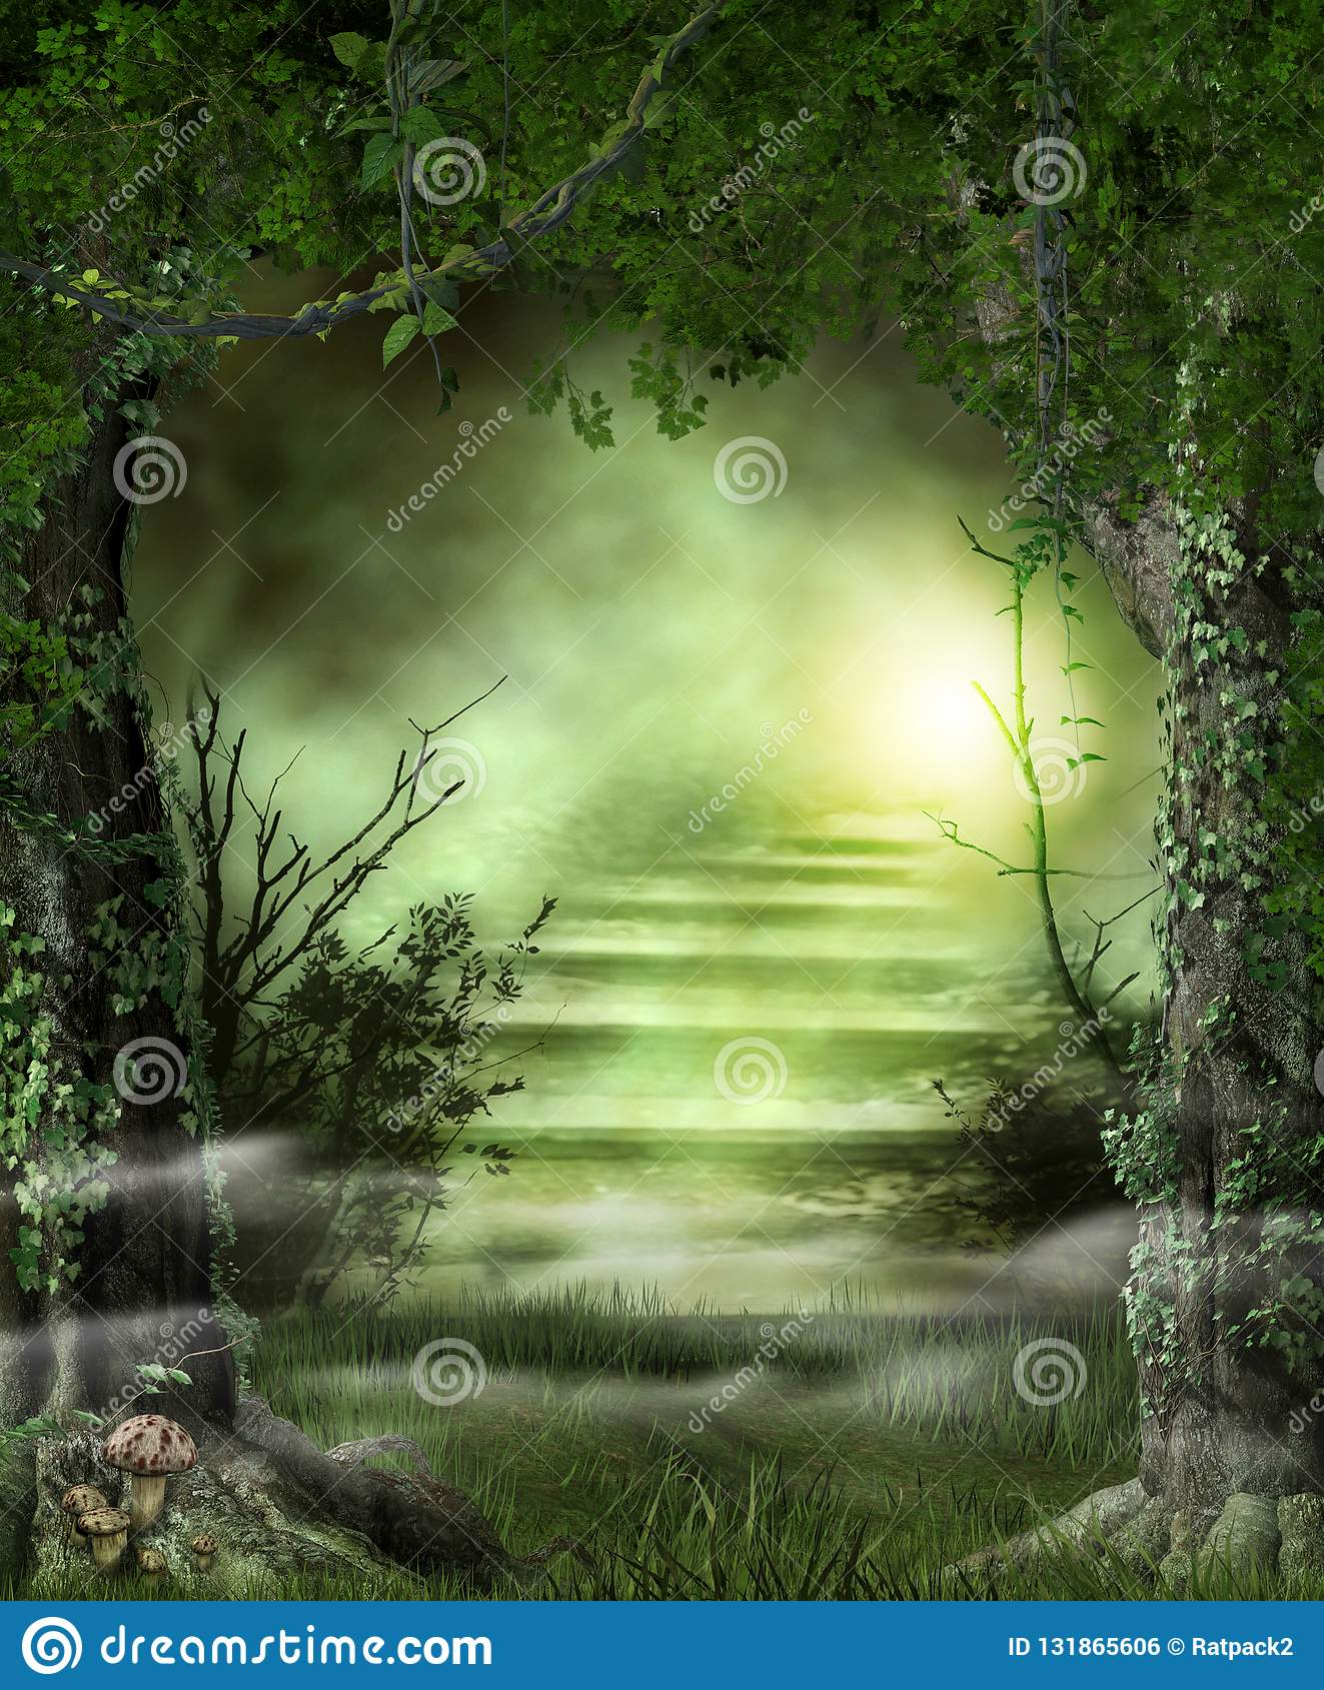 Escaliers de chemin forestier à une lumière merveilleuse